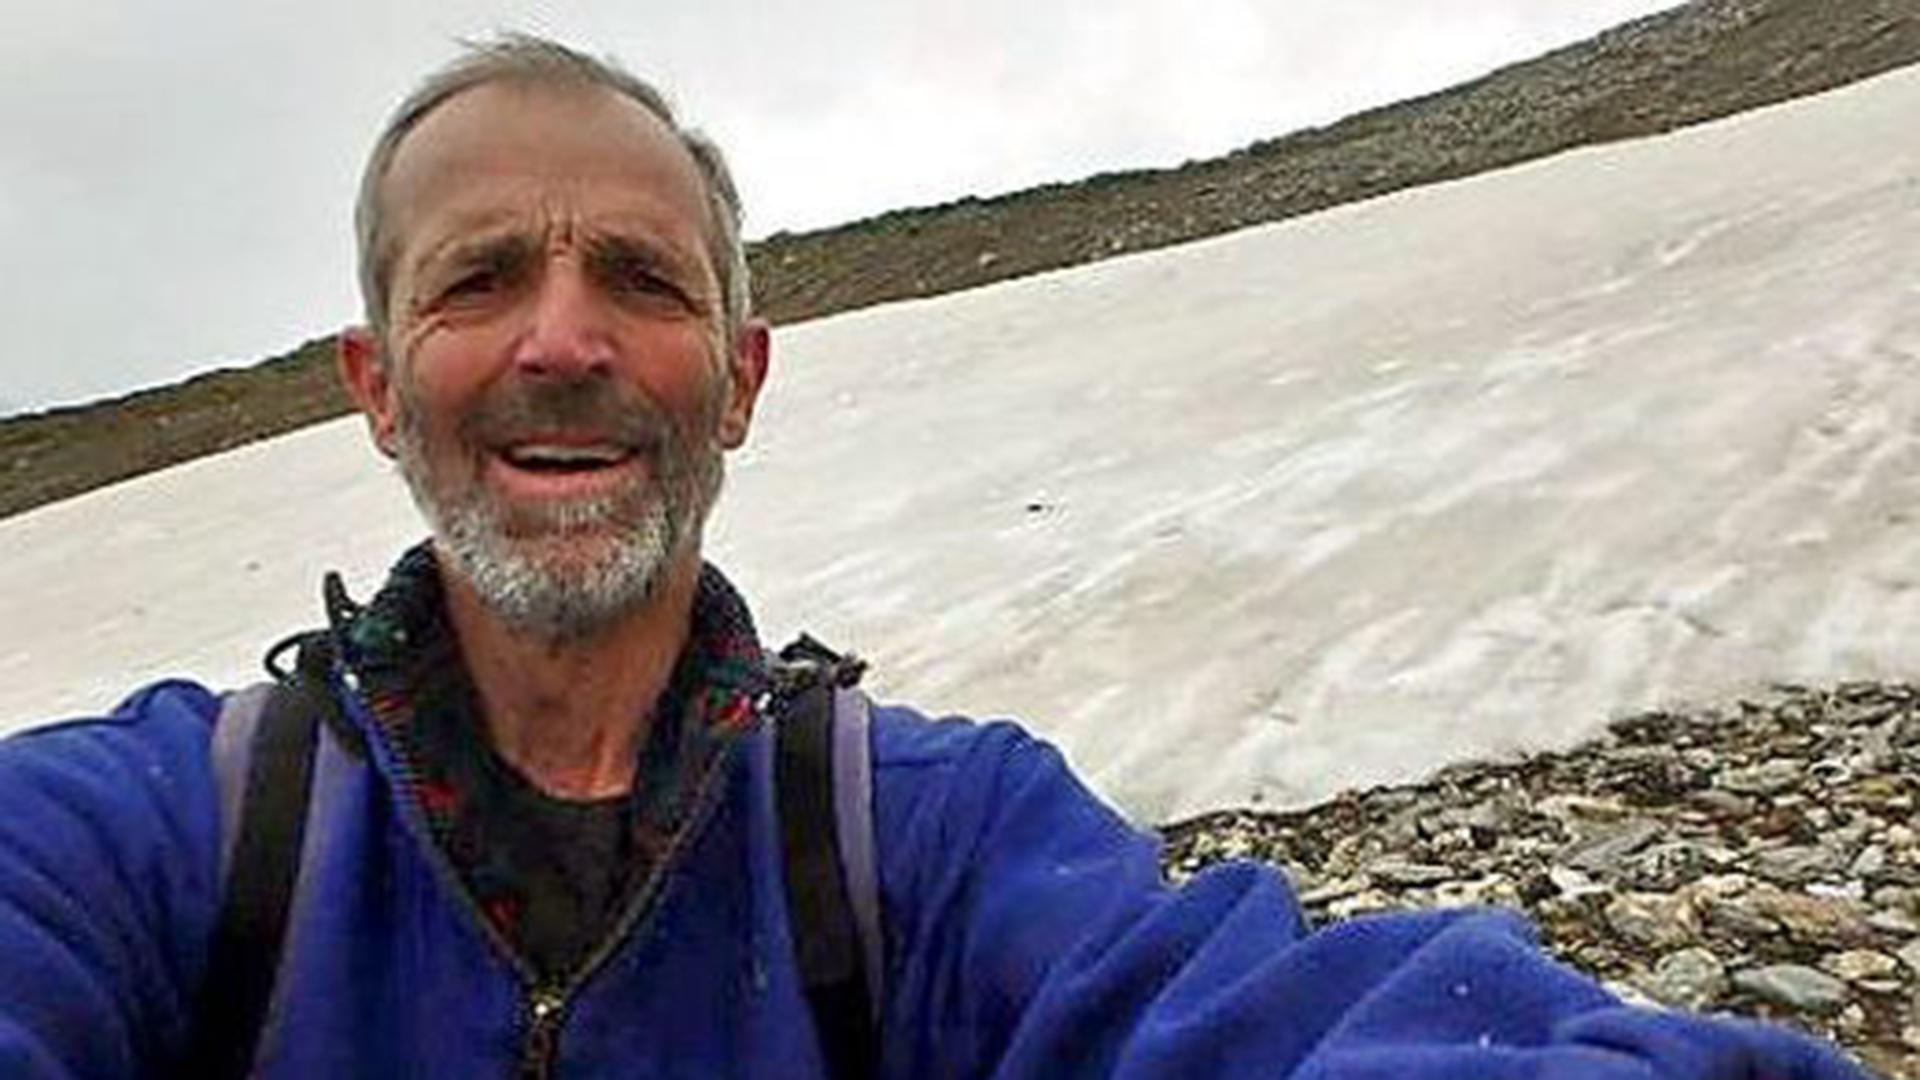 Wilhelm Wabnegg tenía pensado terminar su expedición en Corumbá, Brasil